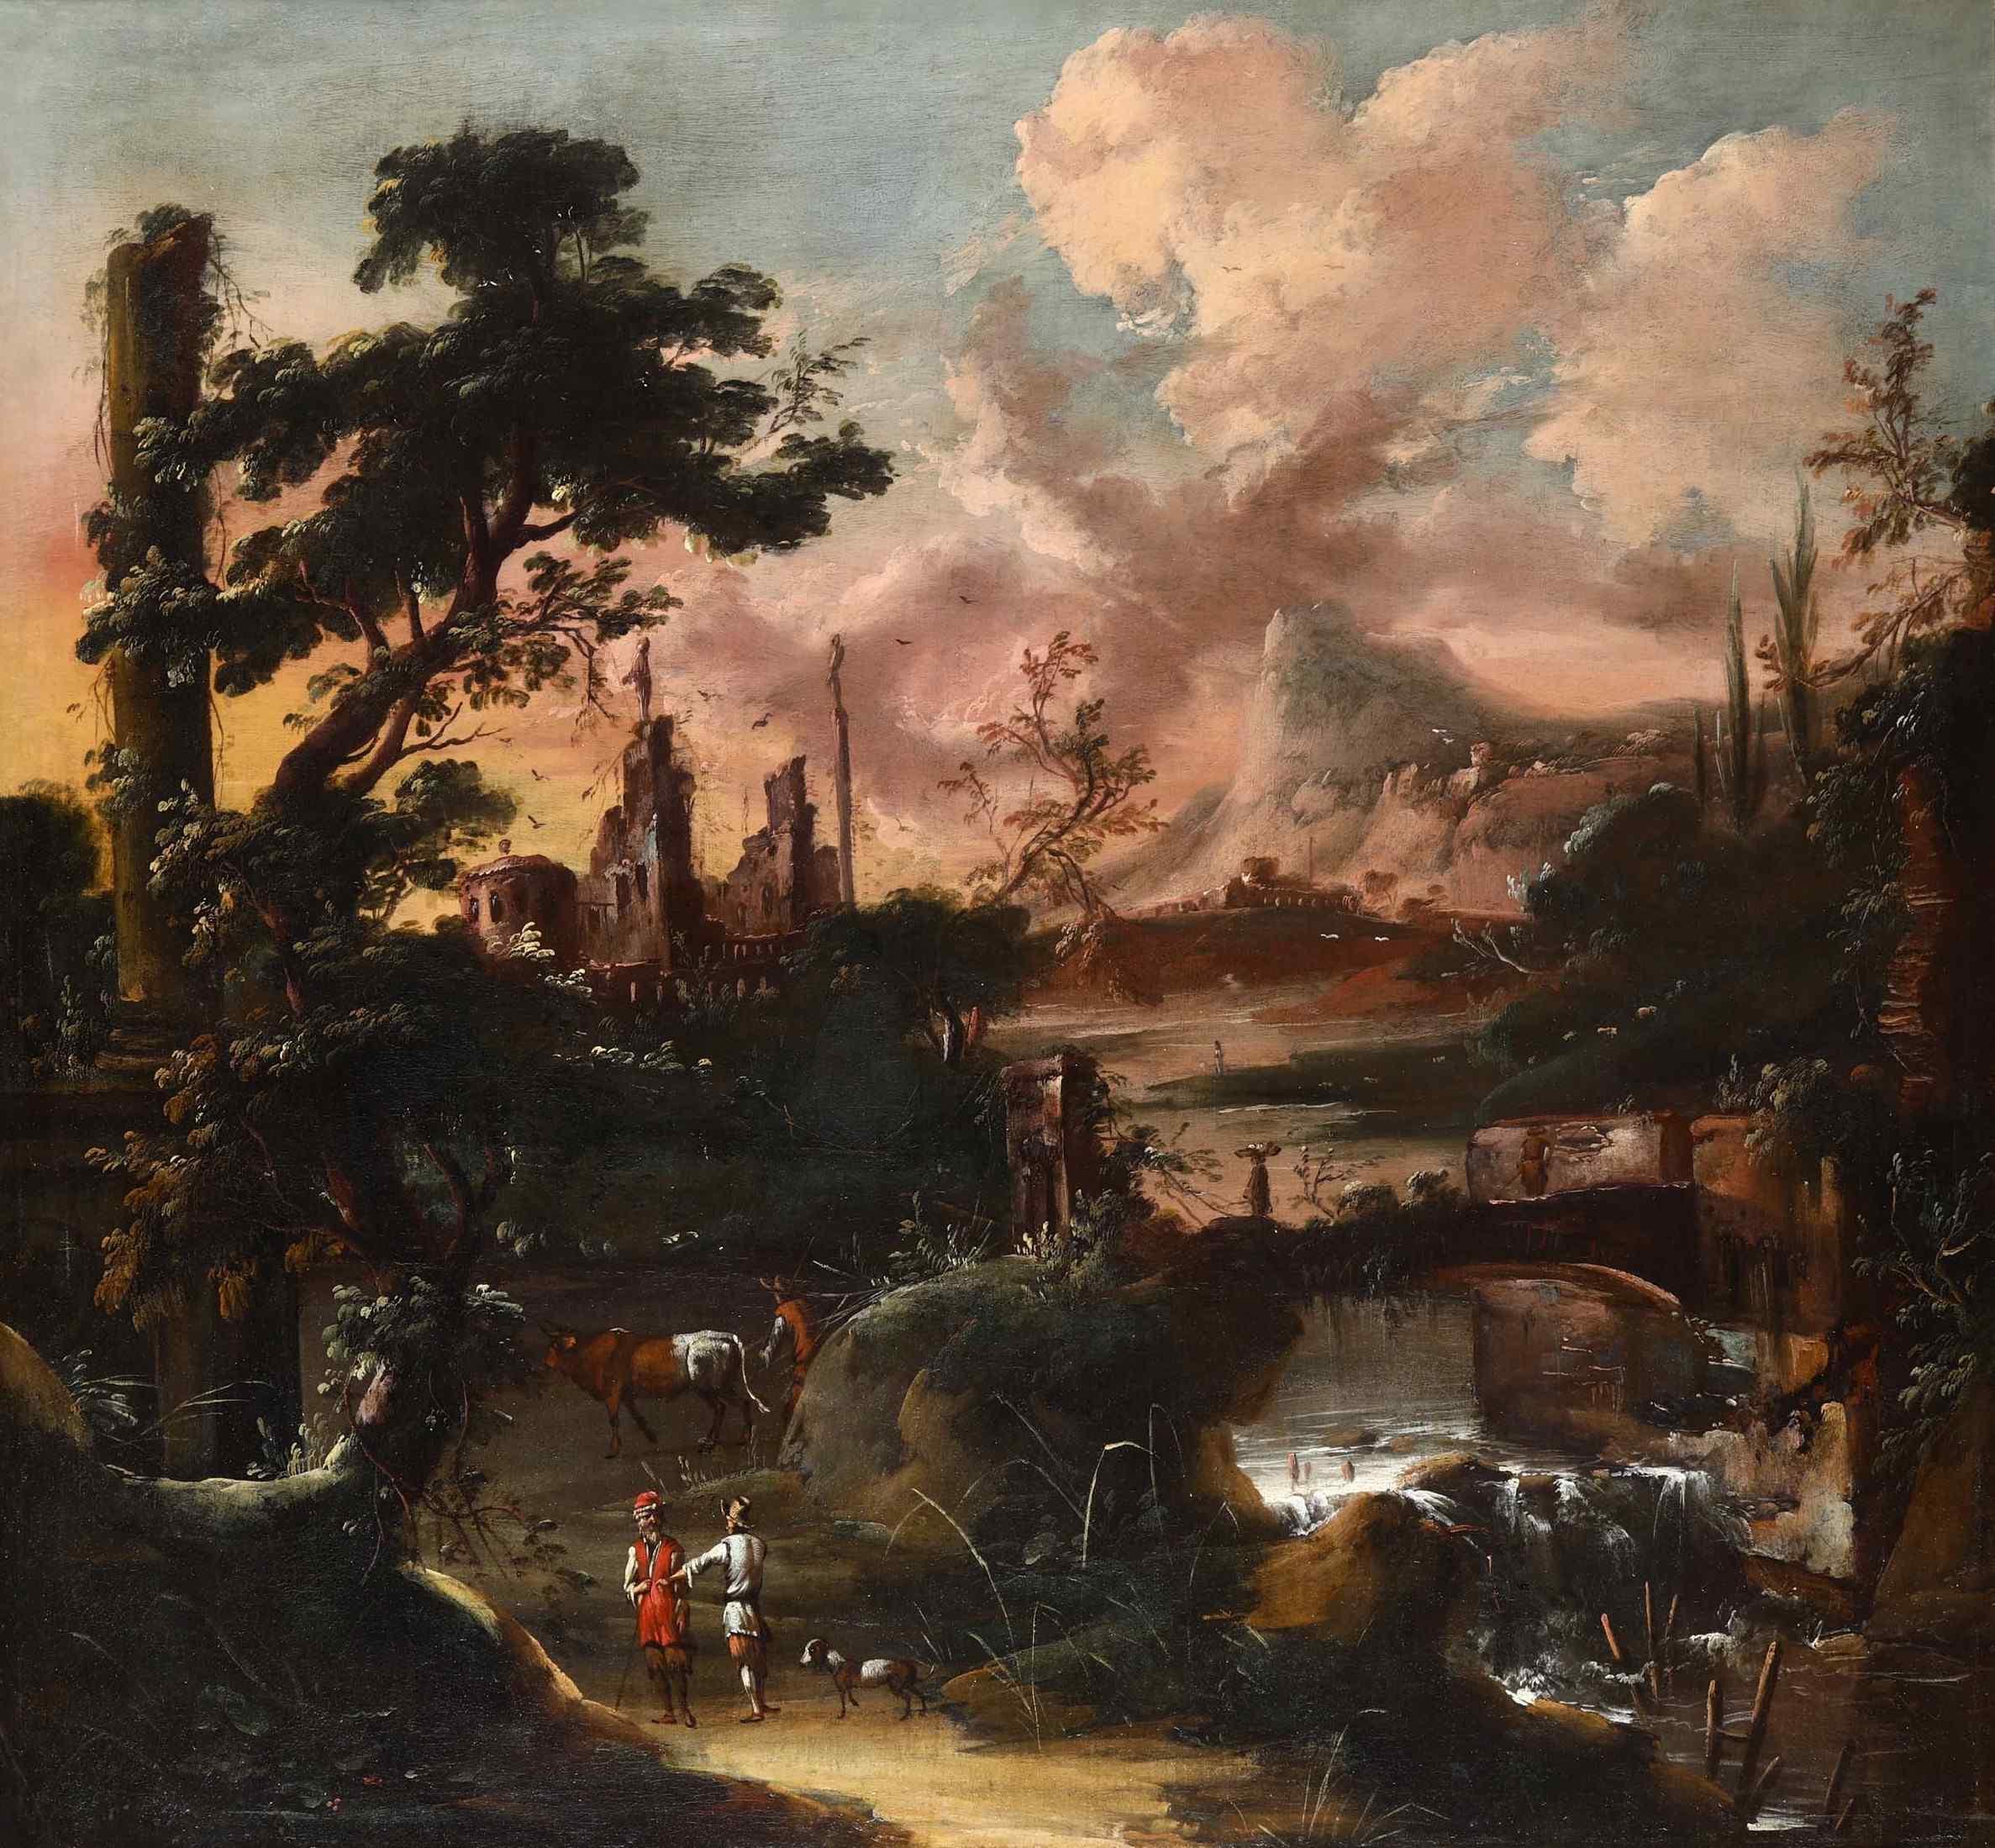 Ecole flamande du '600, paysage animé au coucher du soleil